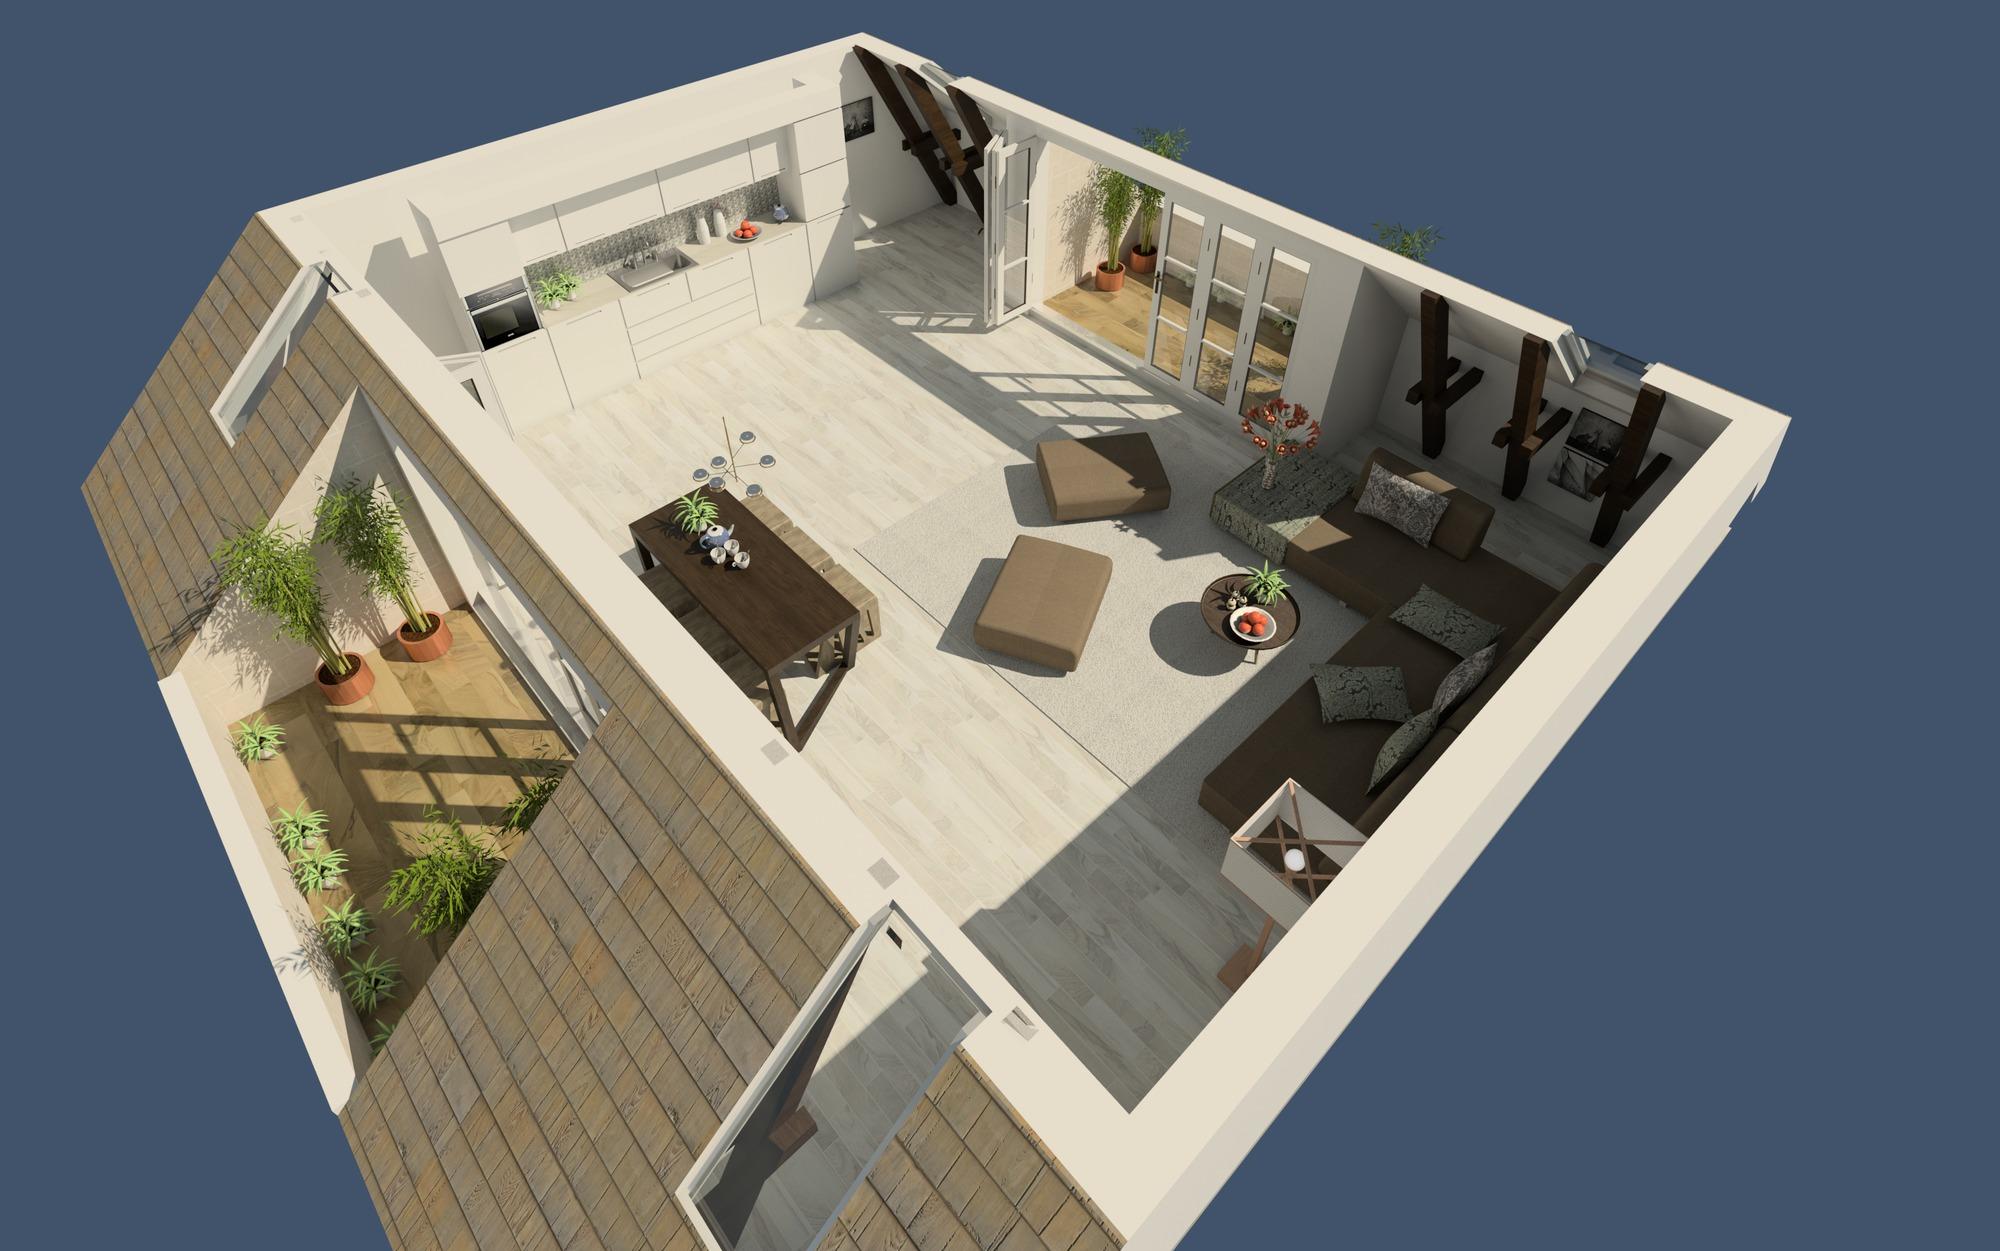 Raas-rendering20150417-22134-wbzioc